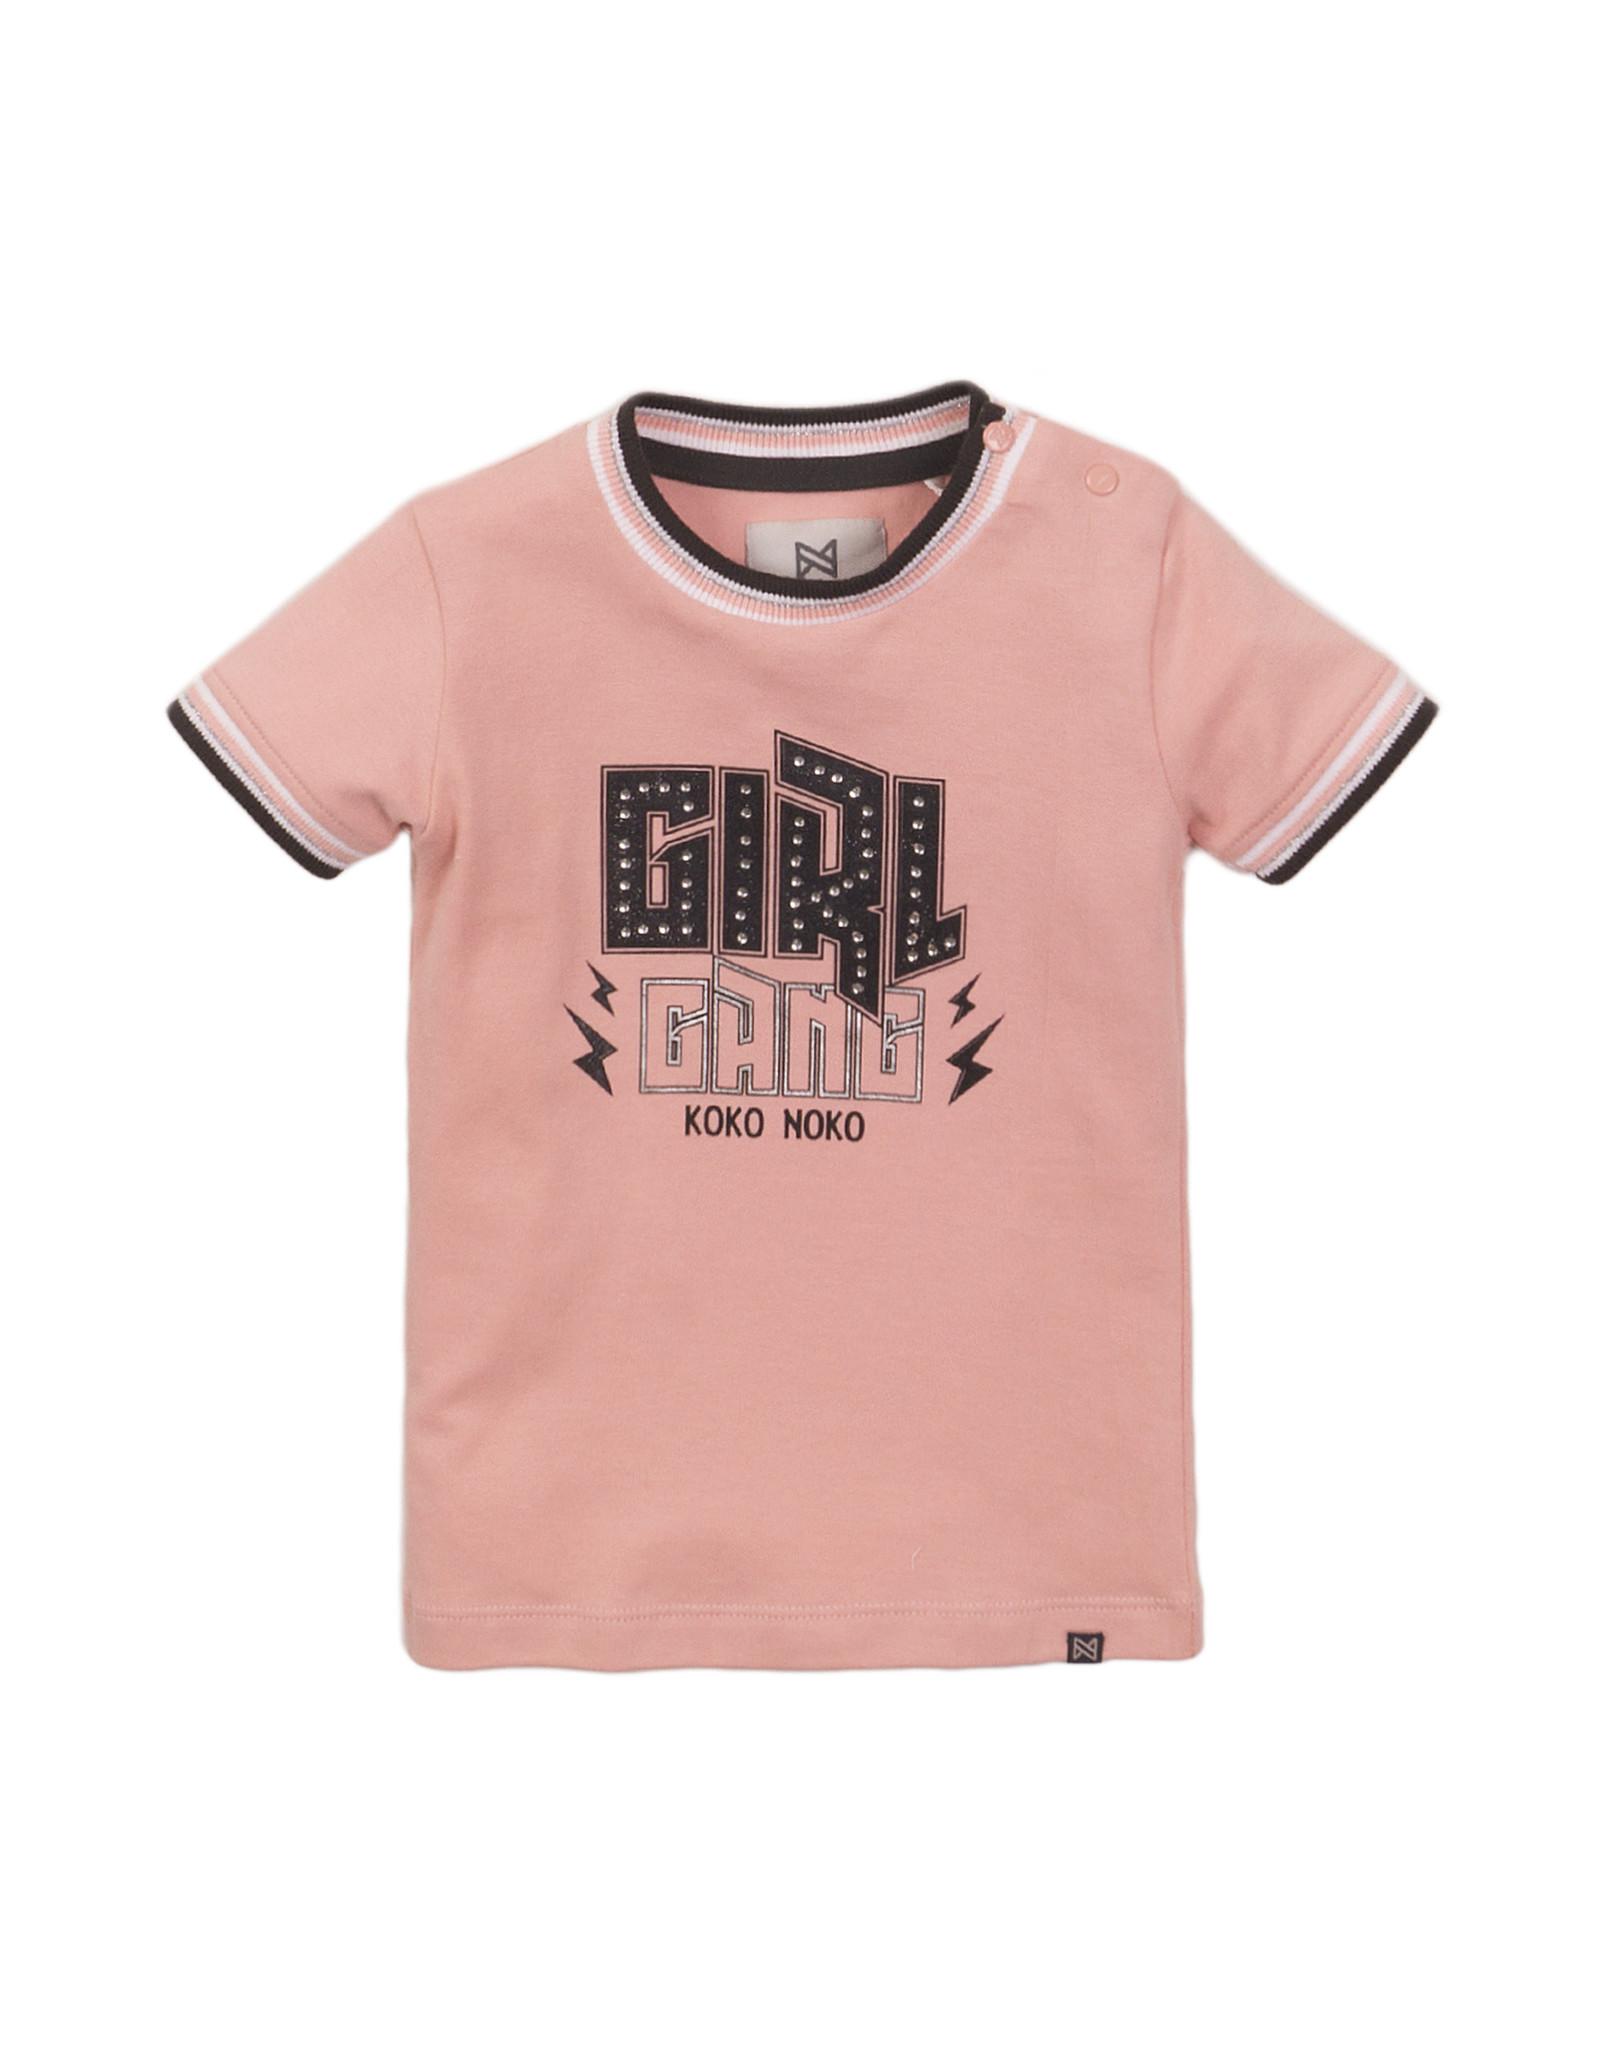 Koko Noko Koko Noko meisjes t-shirt Girl Pink